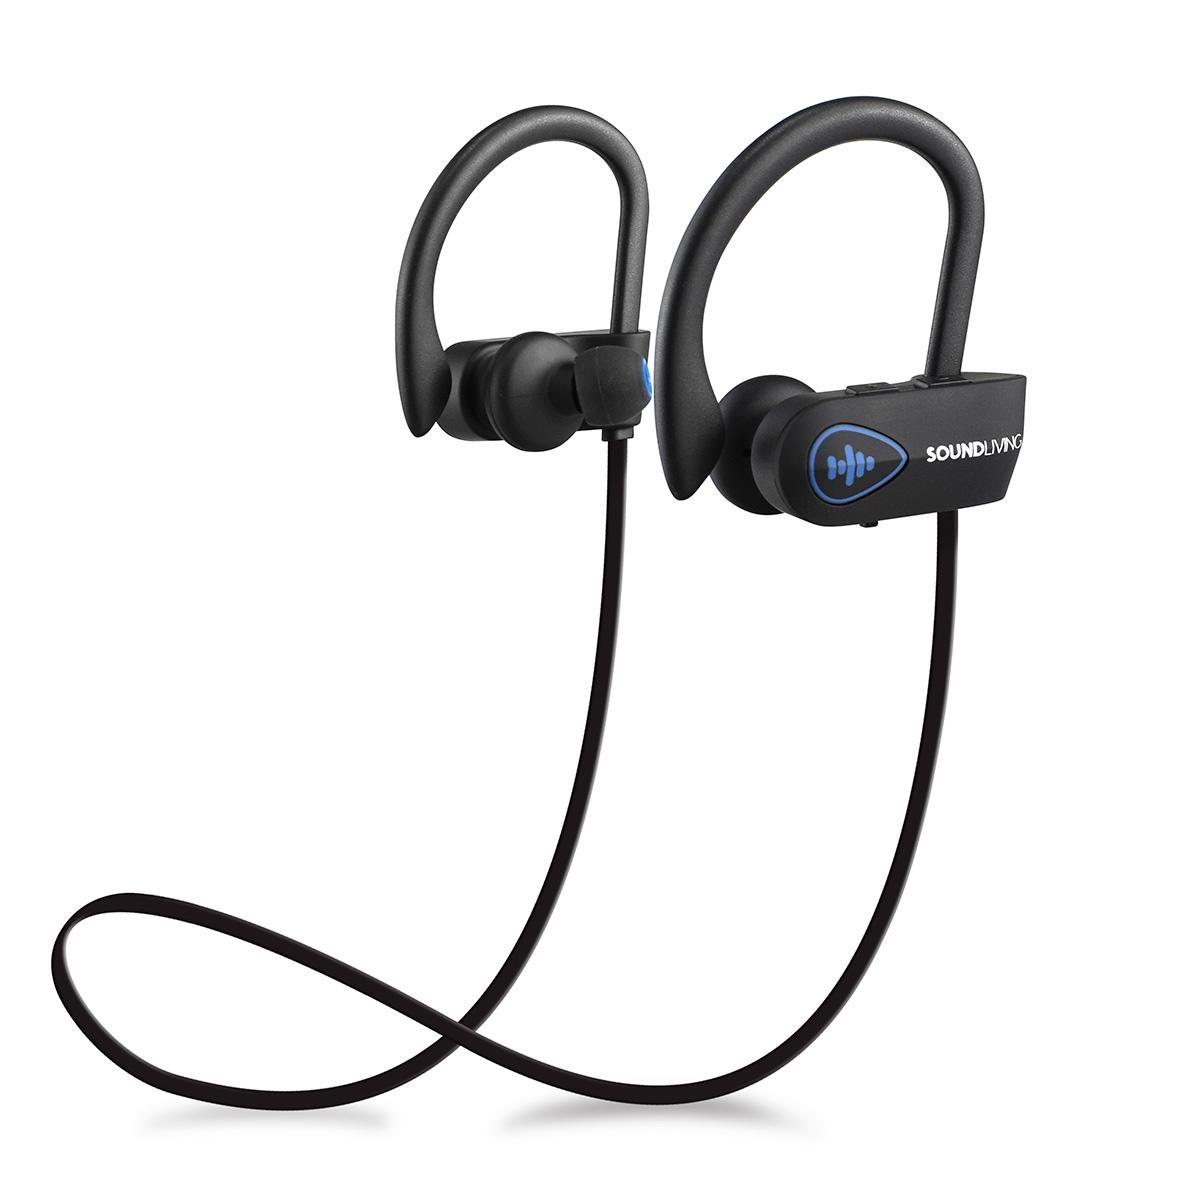 Billede af Soundliving høretelefoner - Active - Sort